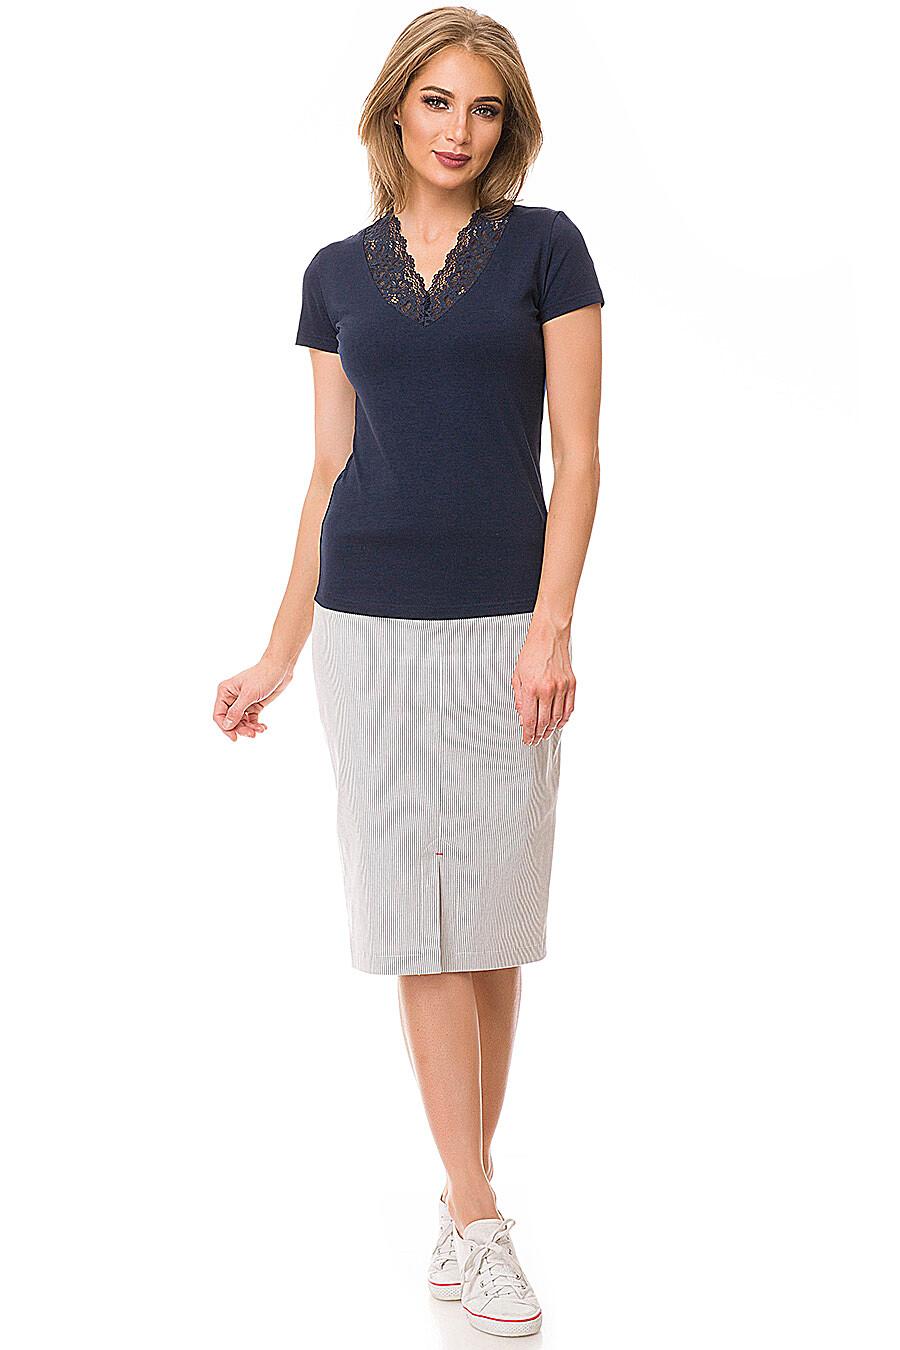 Блузка FOUR STYLES (119747), купить в Moyo.moda